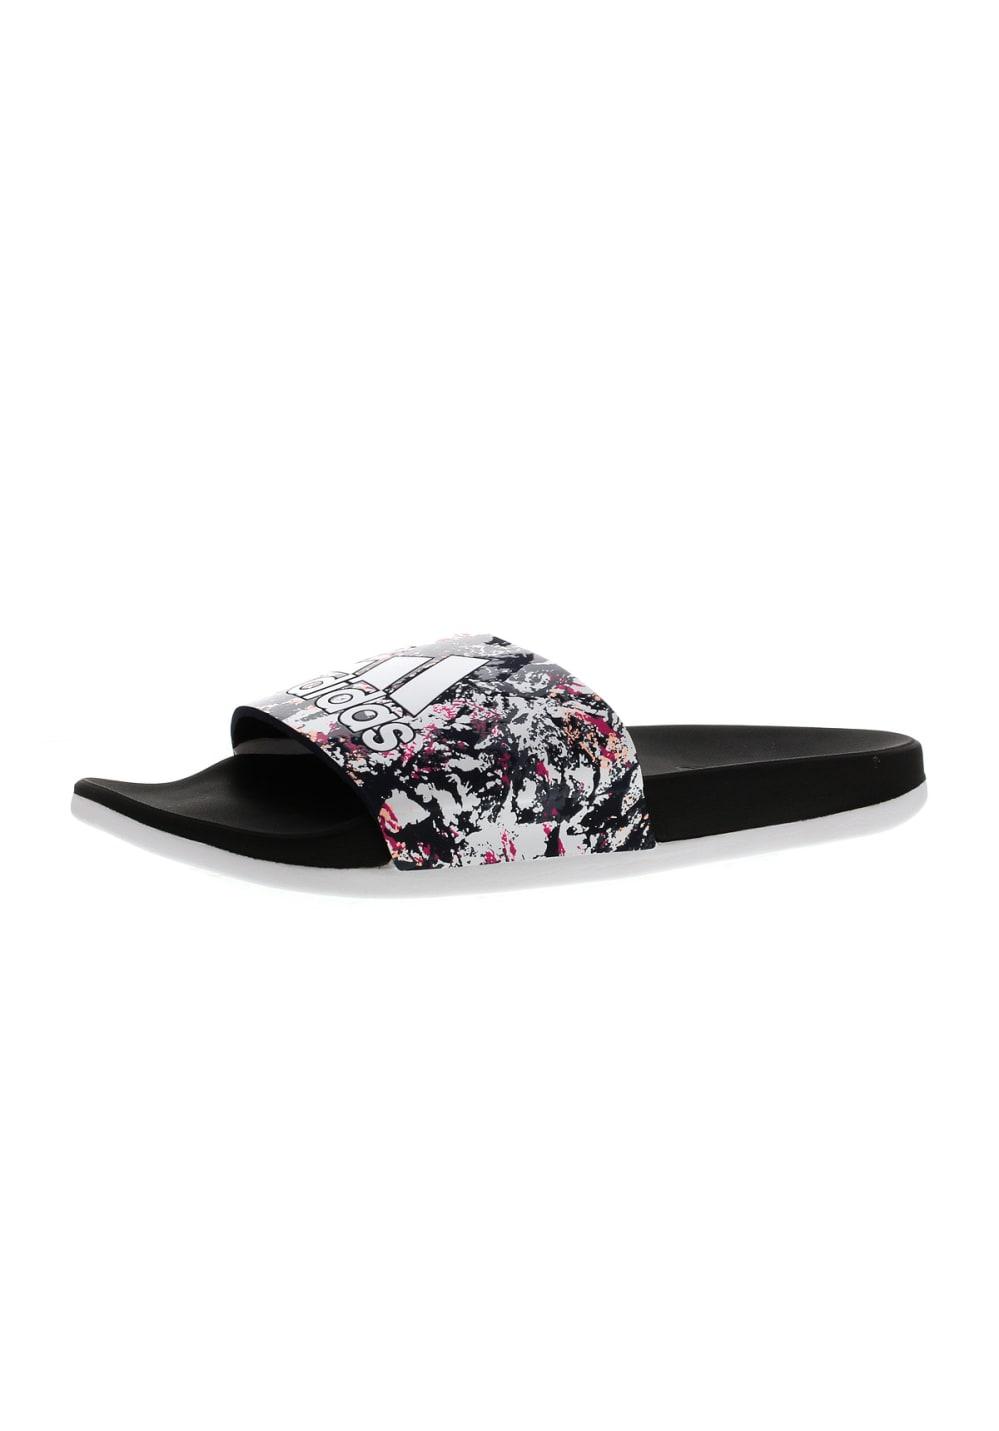 d271f9f6e6416b adidas Adilette Cloudfoam Plus Graphic Slides - Bathing shoes for ...